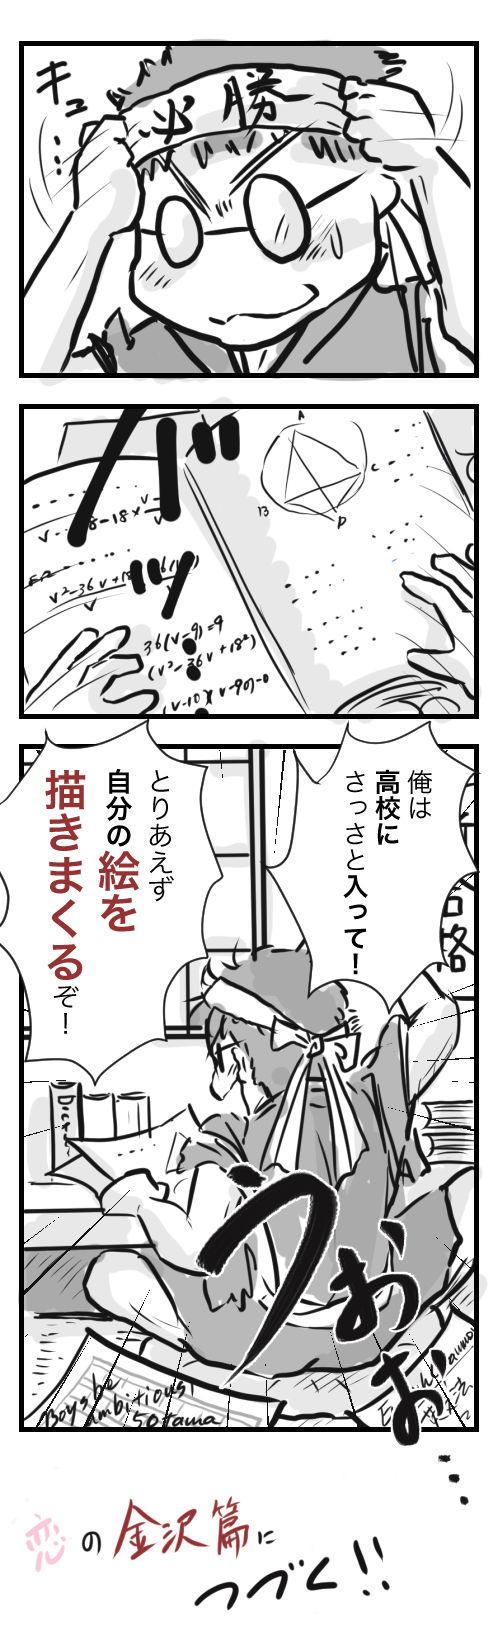 山田12-8−4岐阜最後